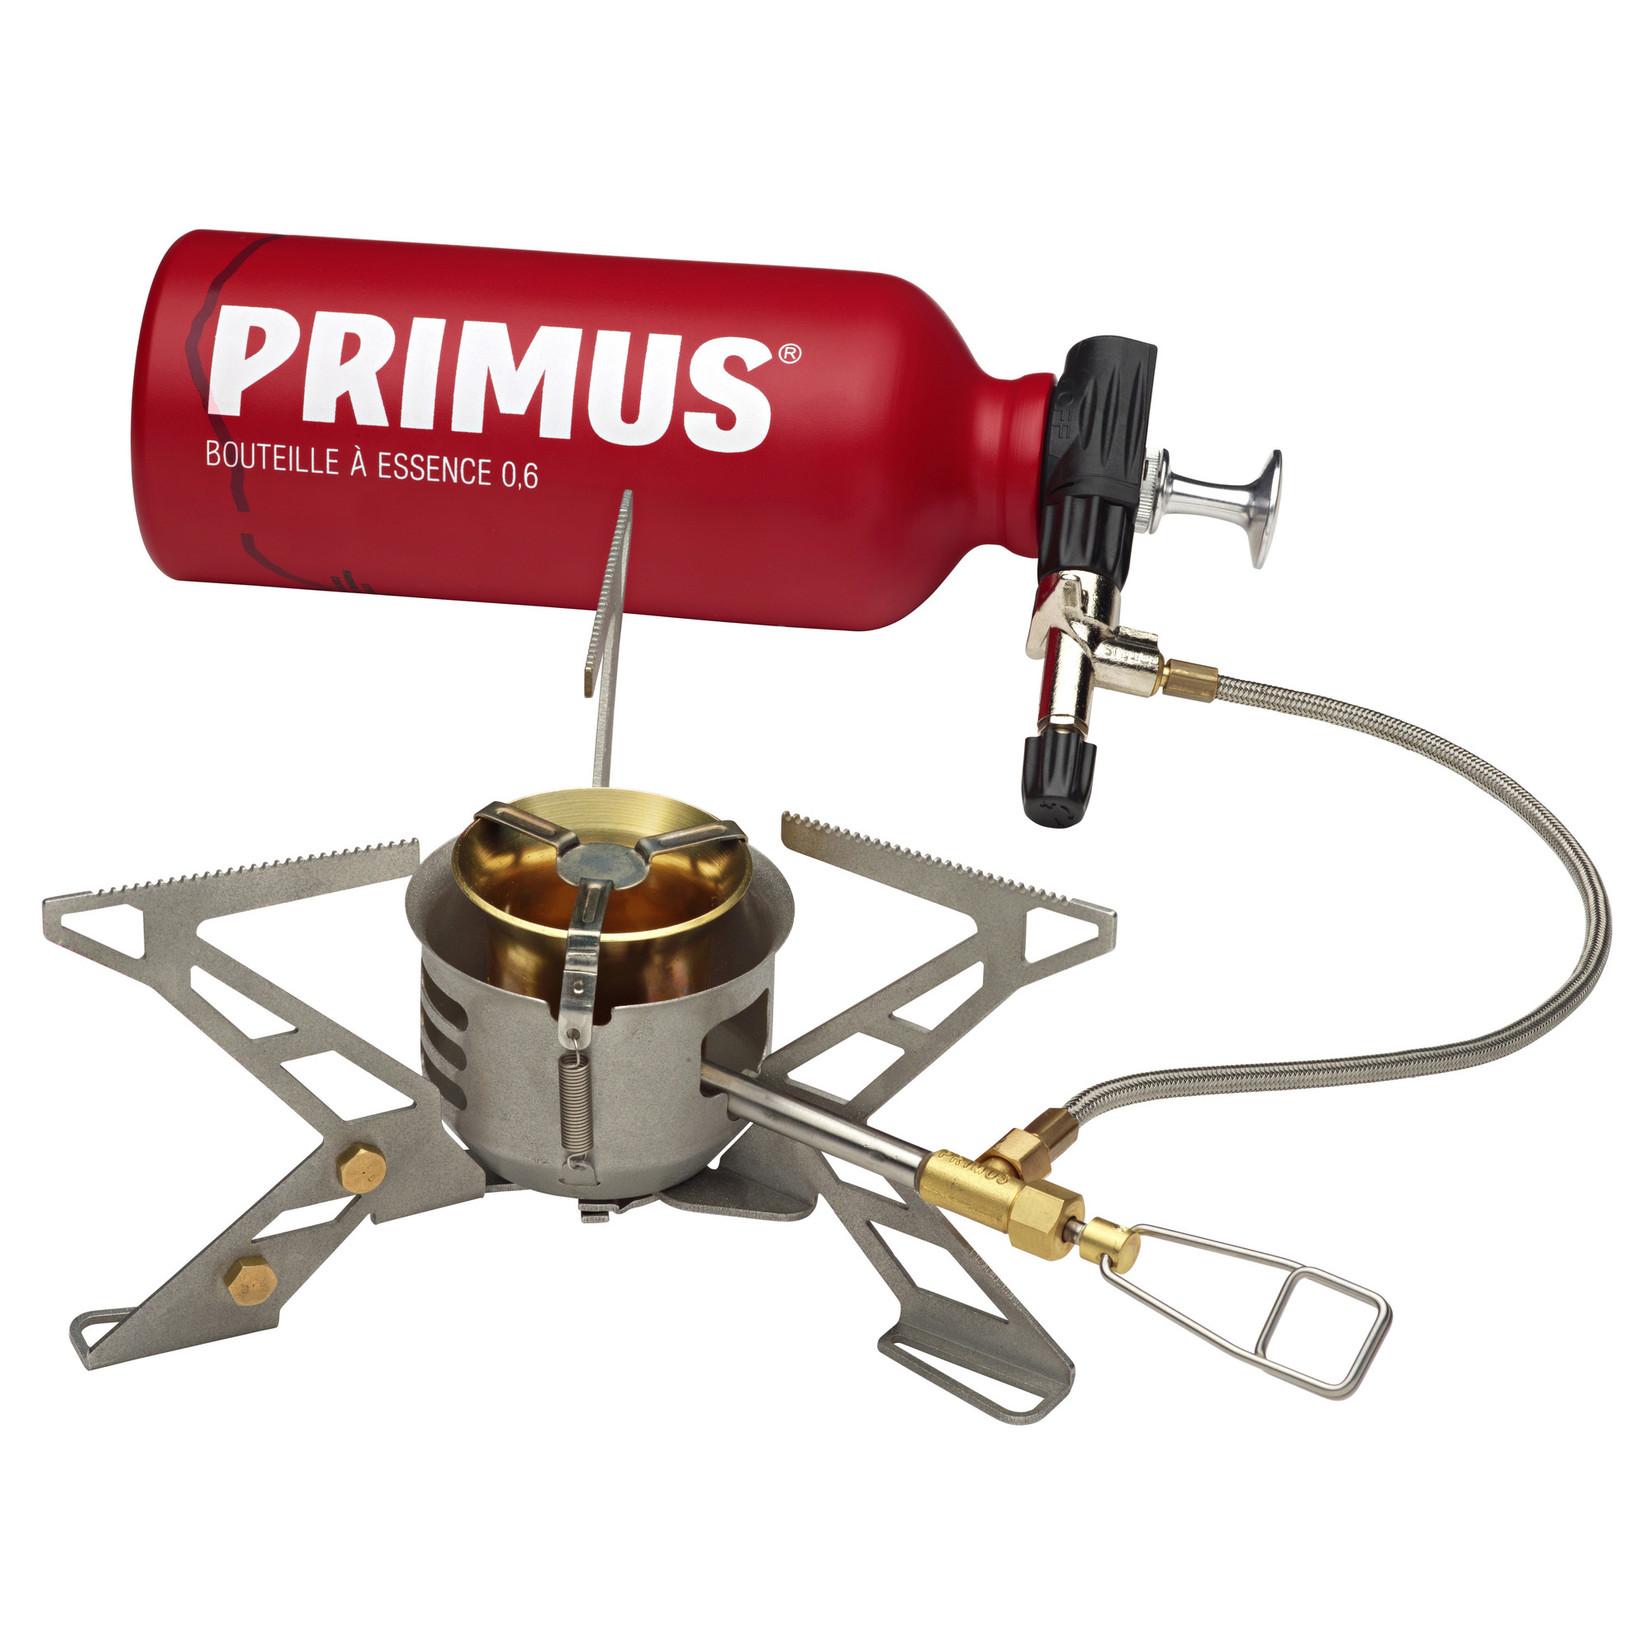 Primus Primus OmniFuel 2 inclusief brandstoffles 0,6 liter